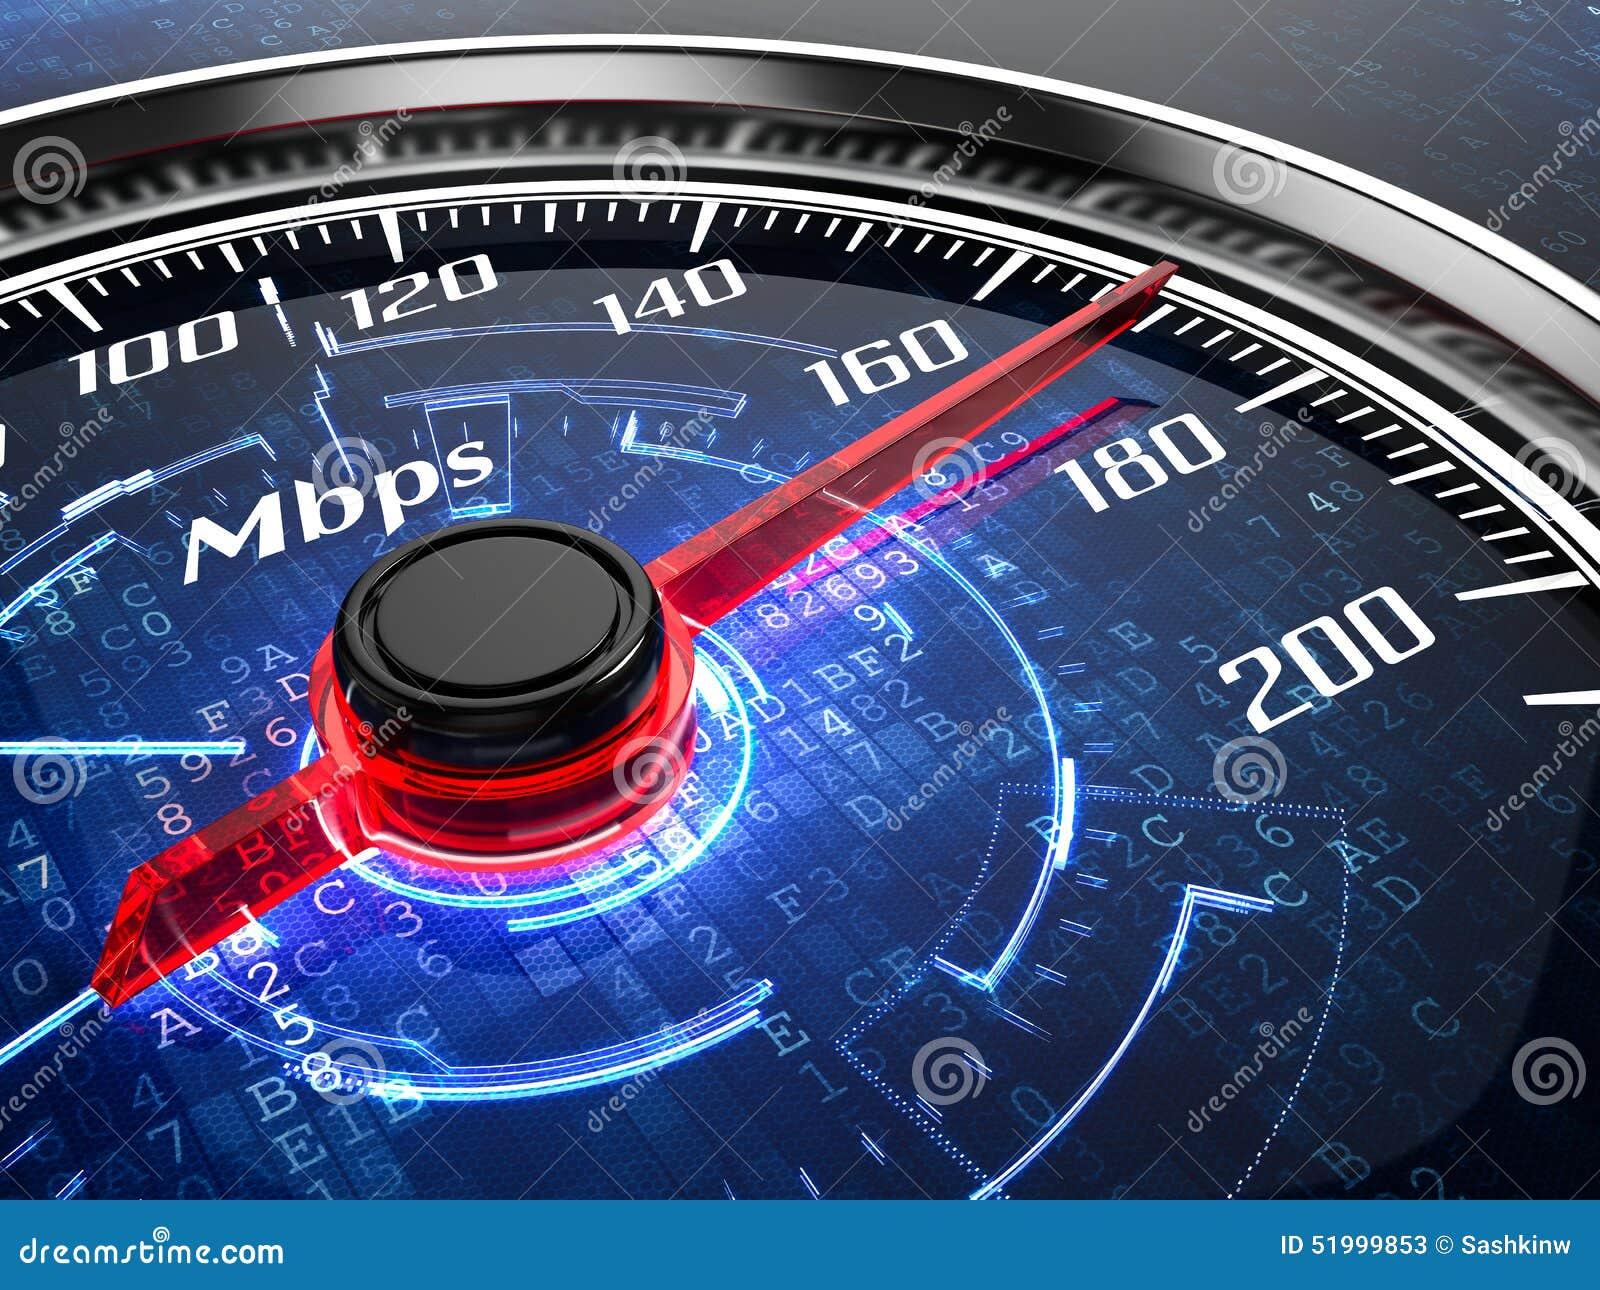 Скорость интернета меньше чем должна быть